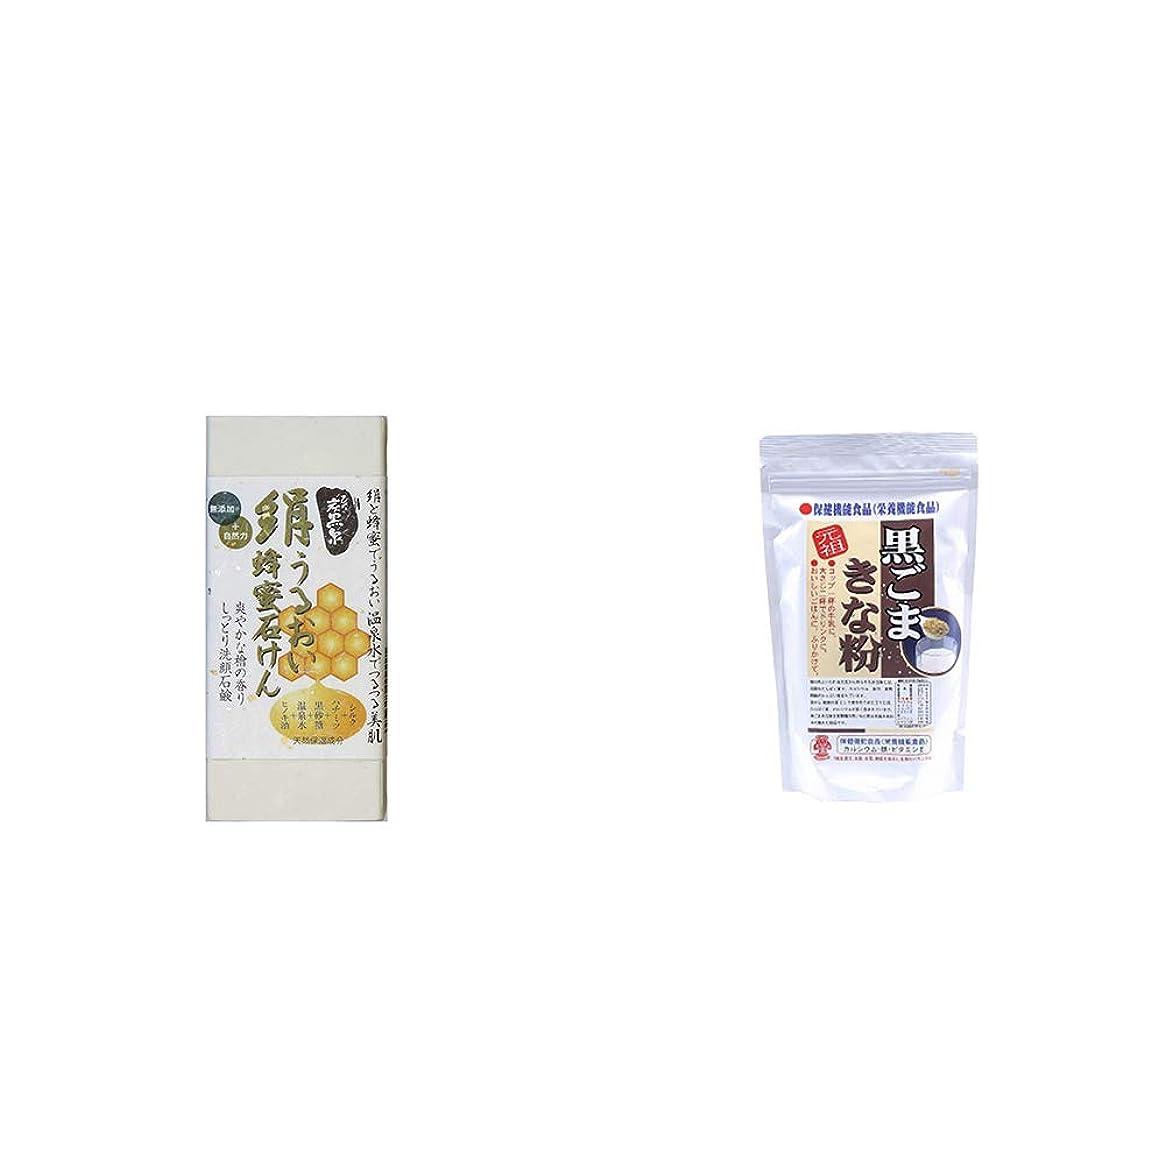 見捨てられた動機付けるキャビン[2点セット] ひのき炭黒泉 絹うるおい蜂蜜石けん(75g×2)?黒ごまきな粉(270g)